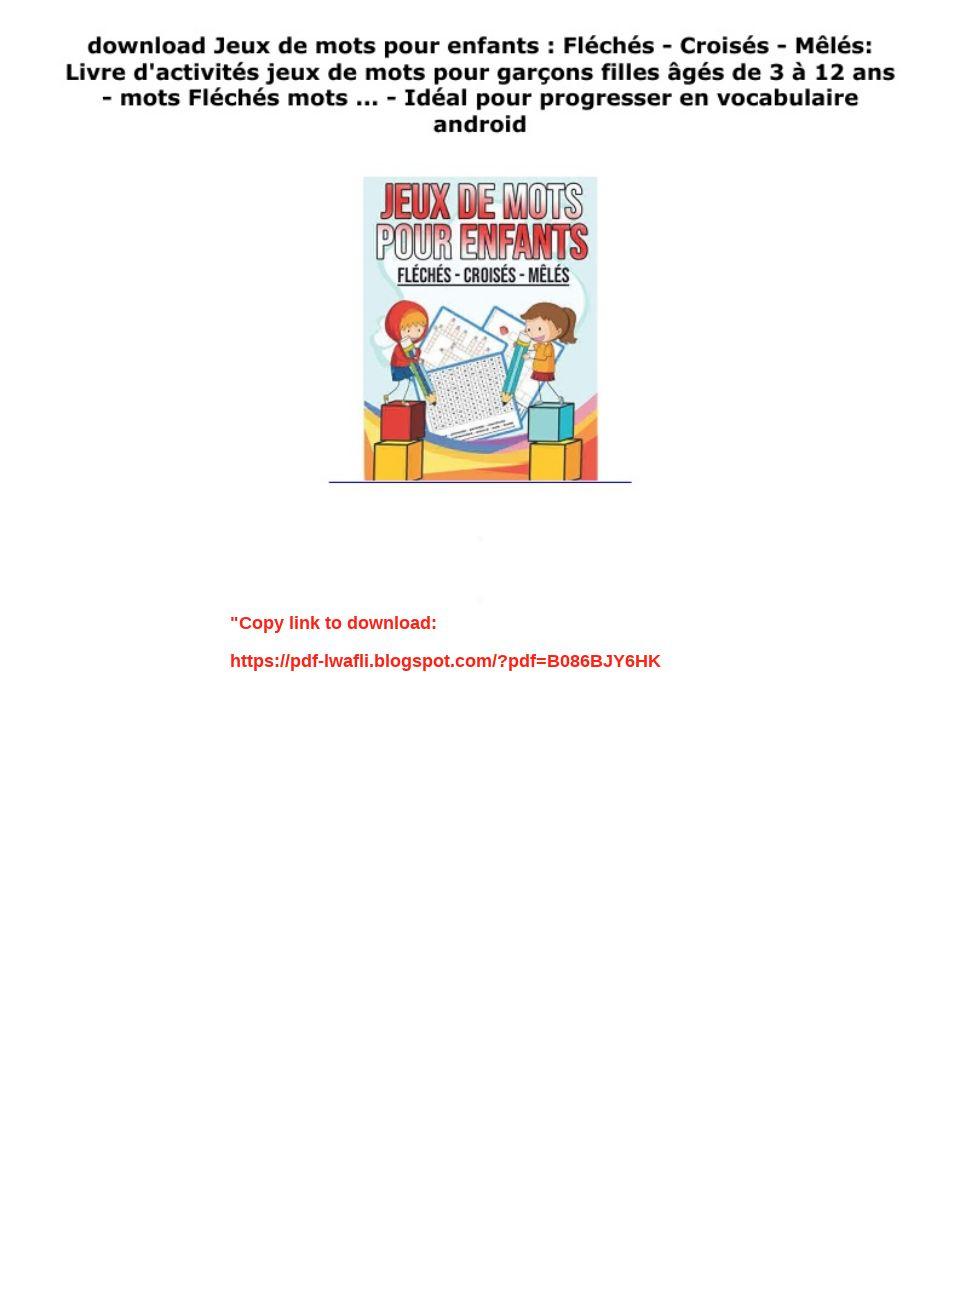 Download Jeux De Mots Pour Enfants : Fléchés - Croisés destiné Jeux De Mots Pour Enfants